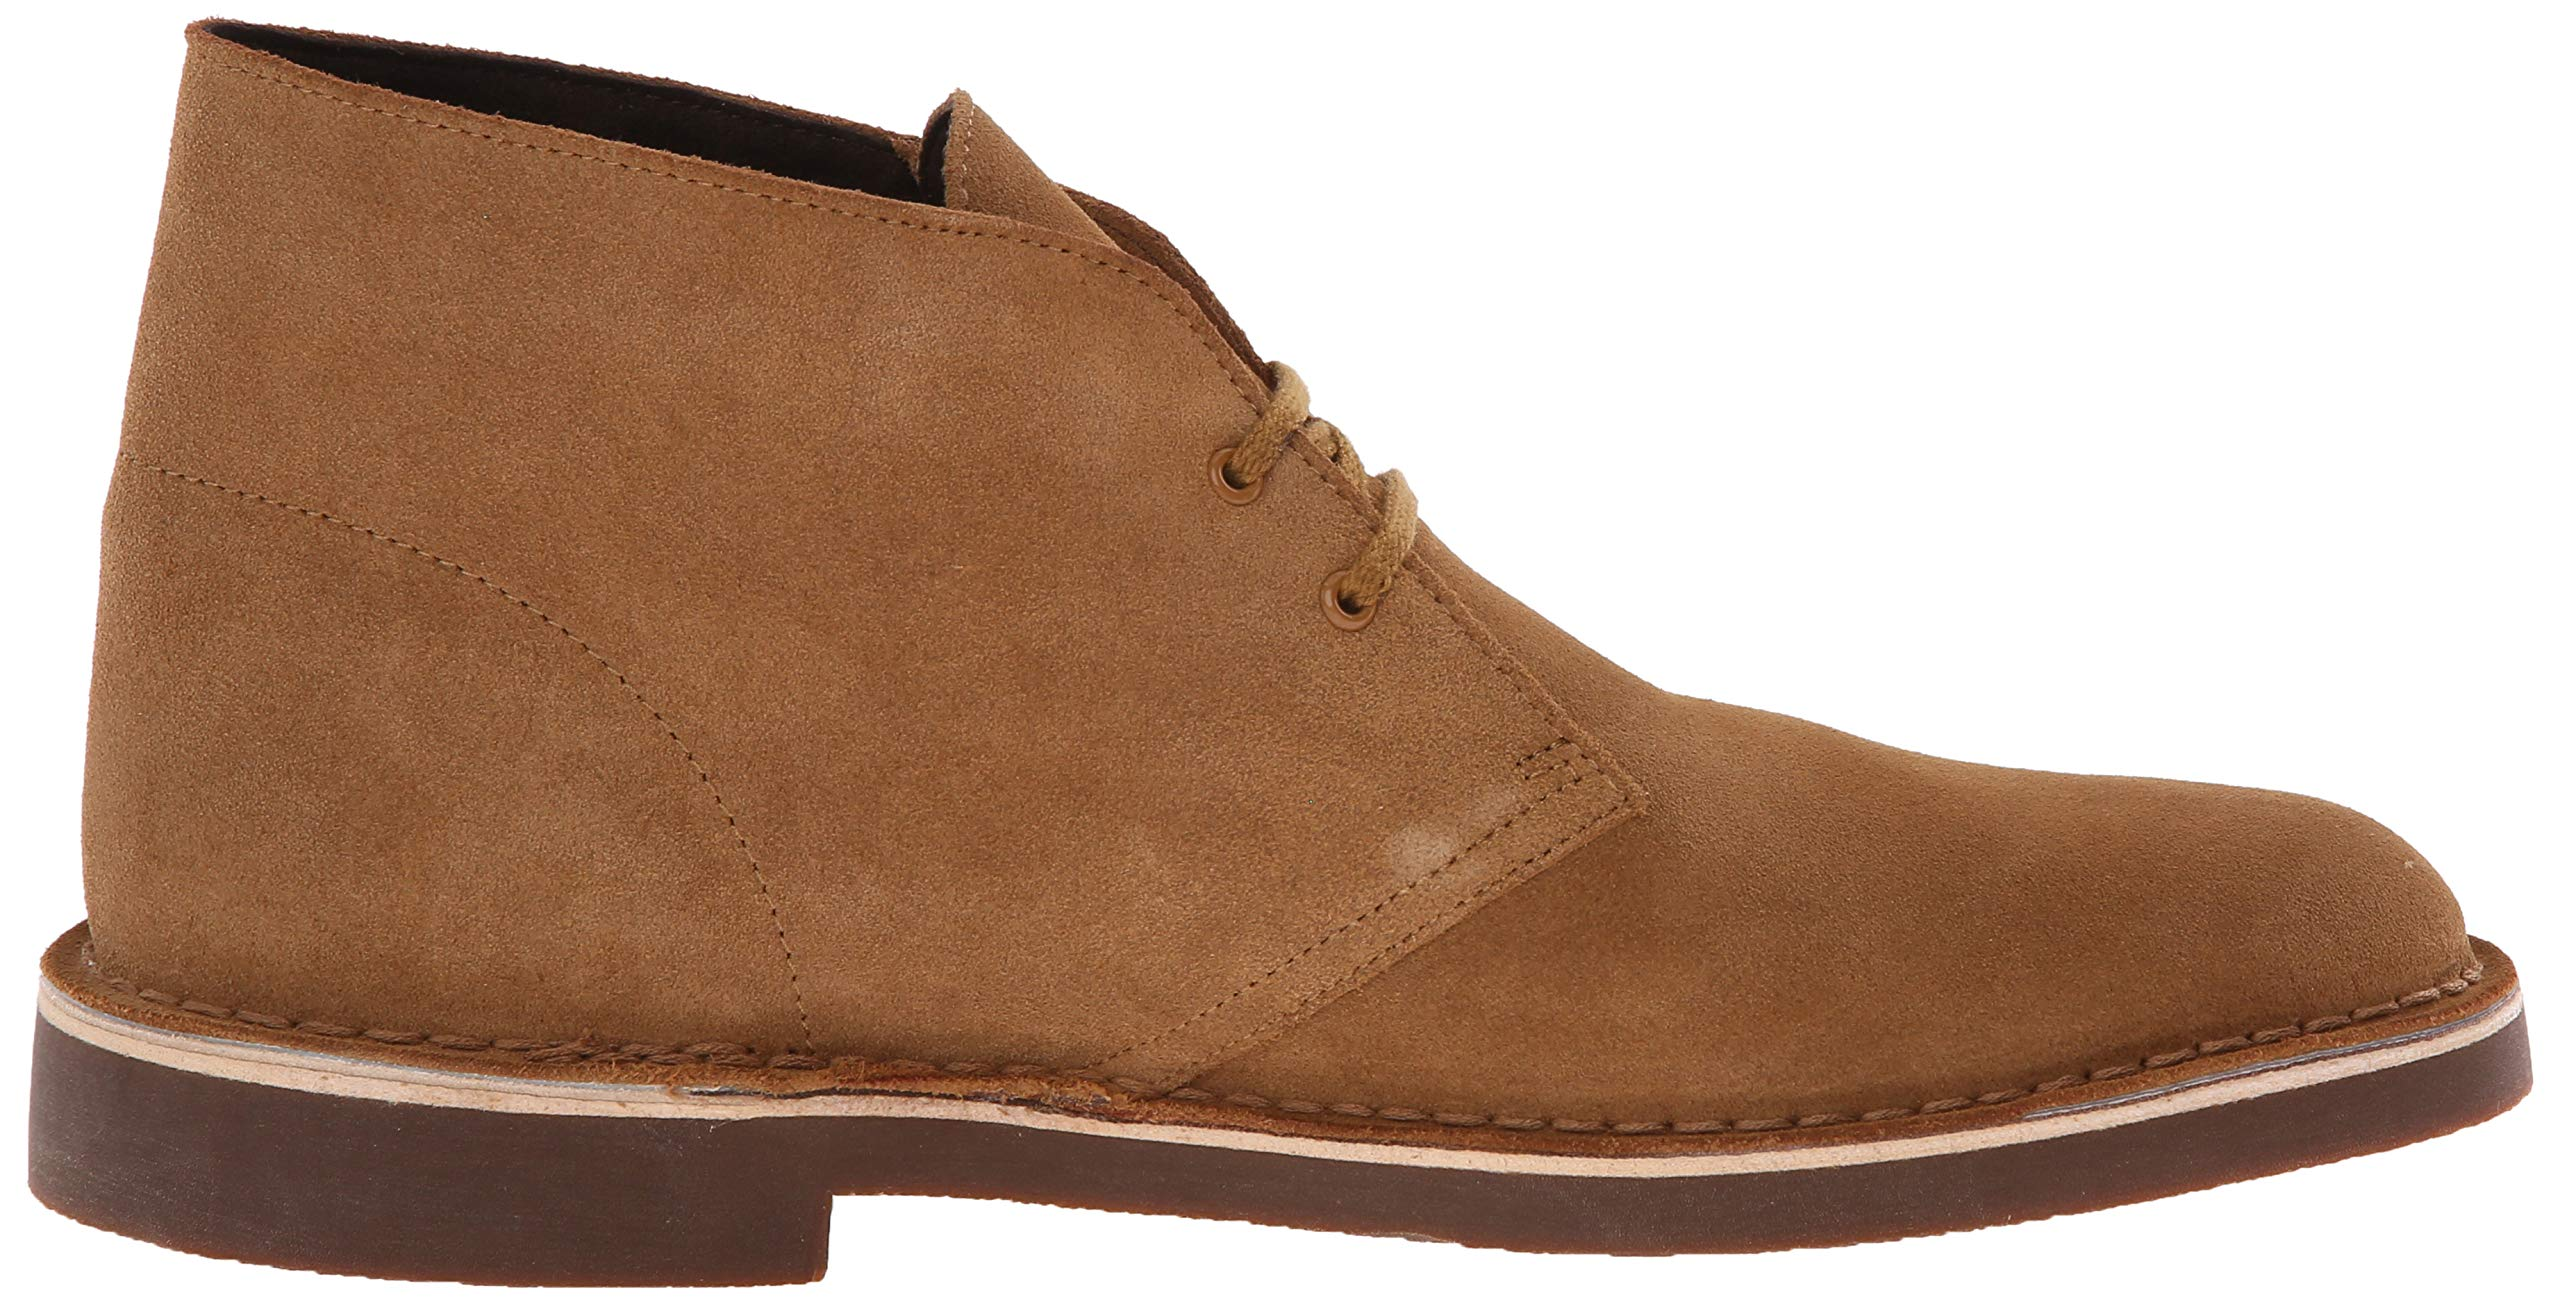 Clarks Men's Bushacre 2 Chukka Boot 7